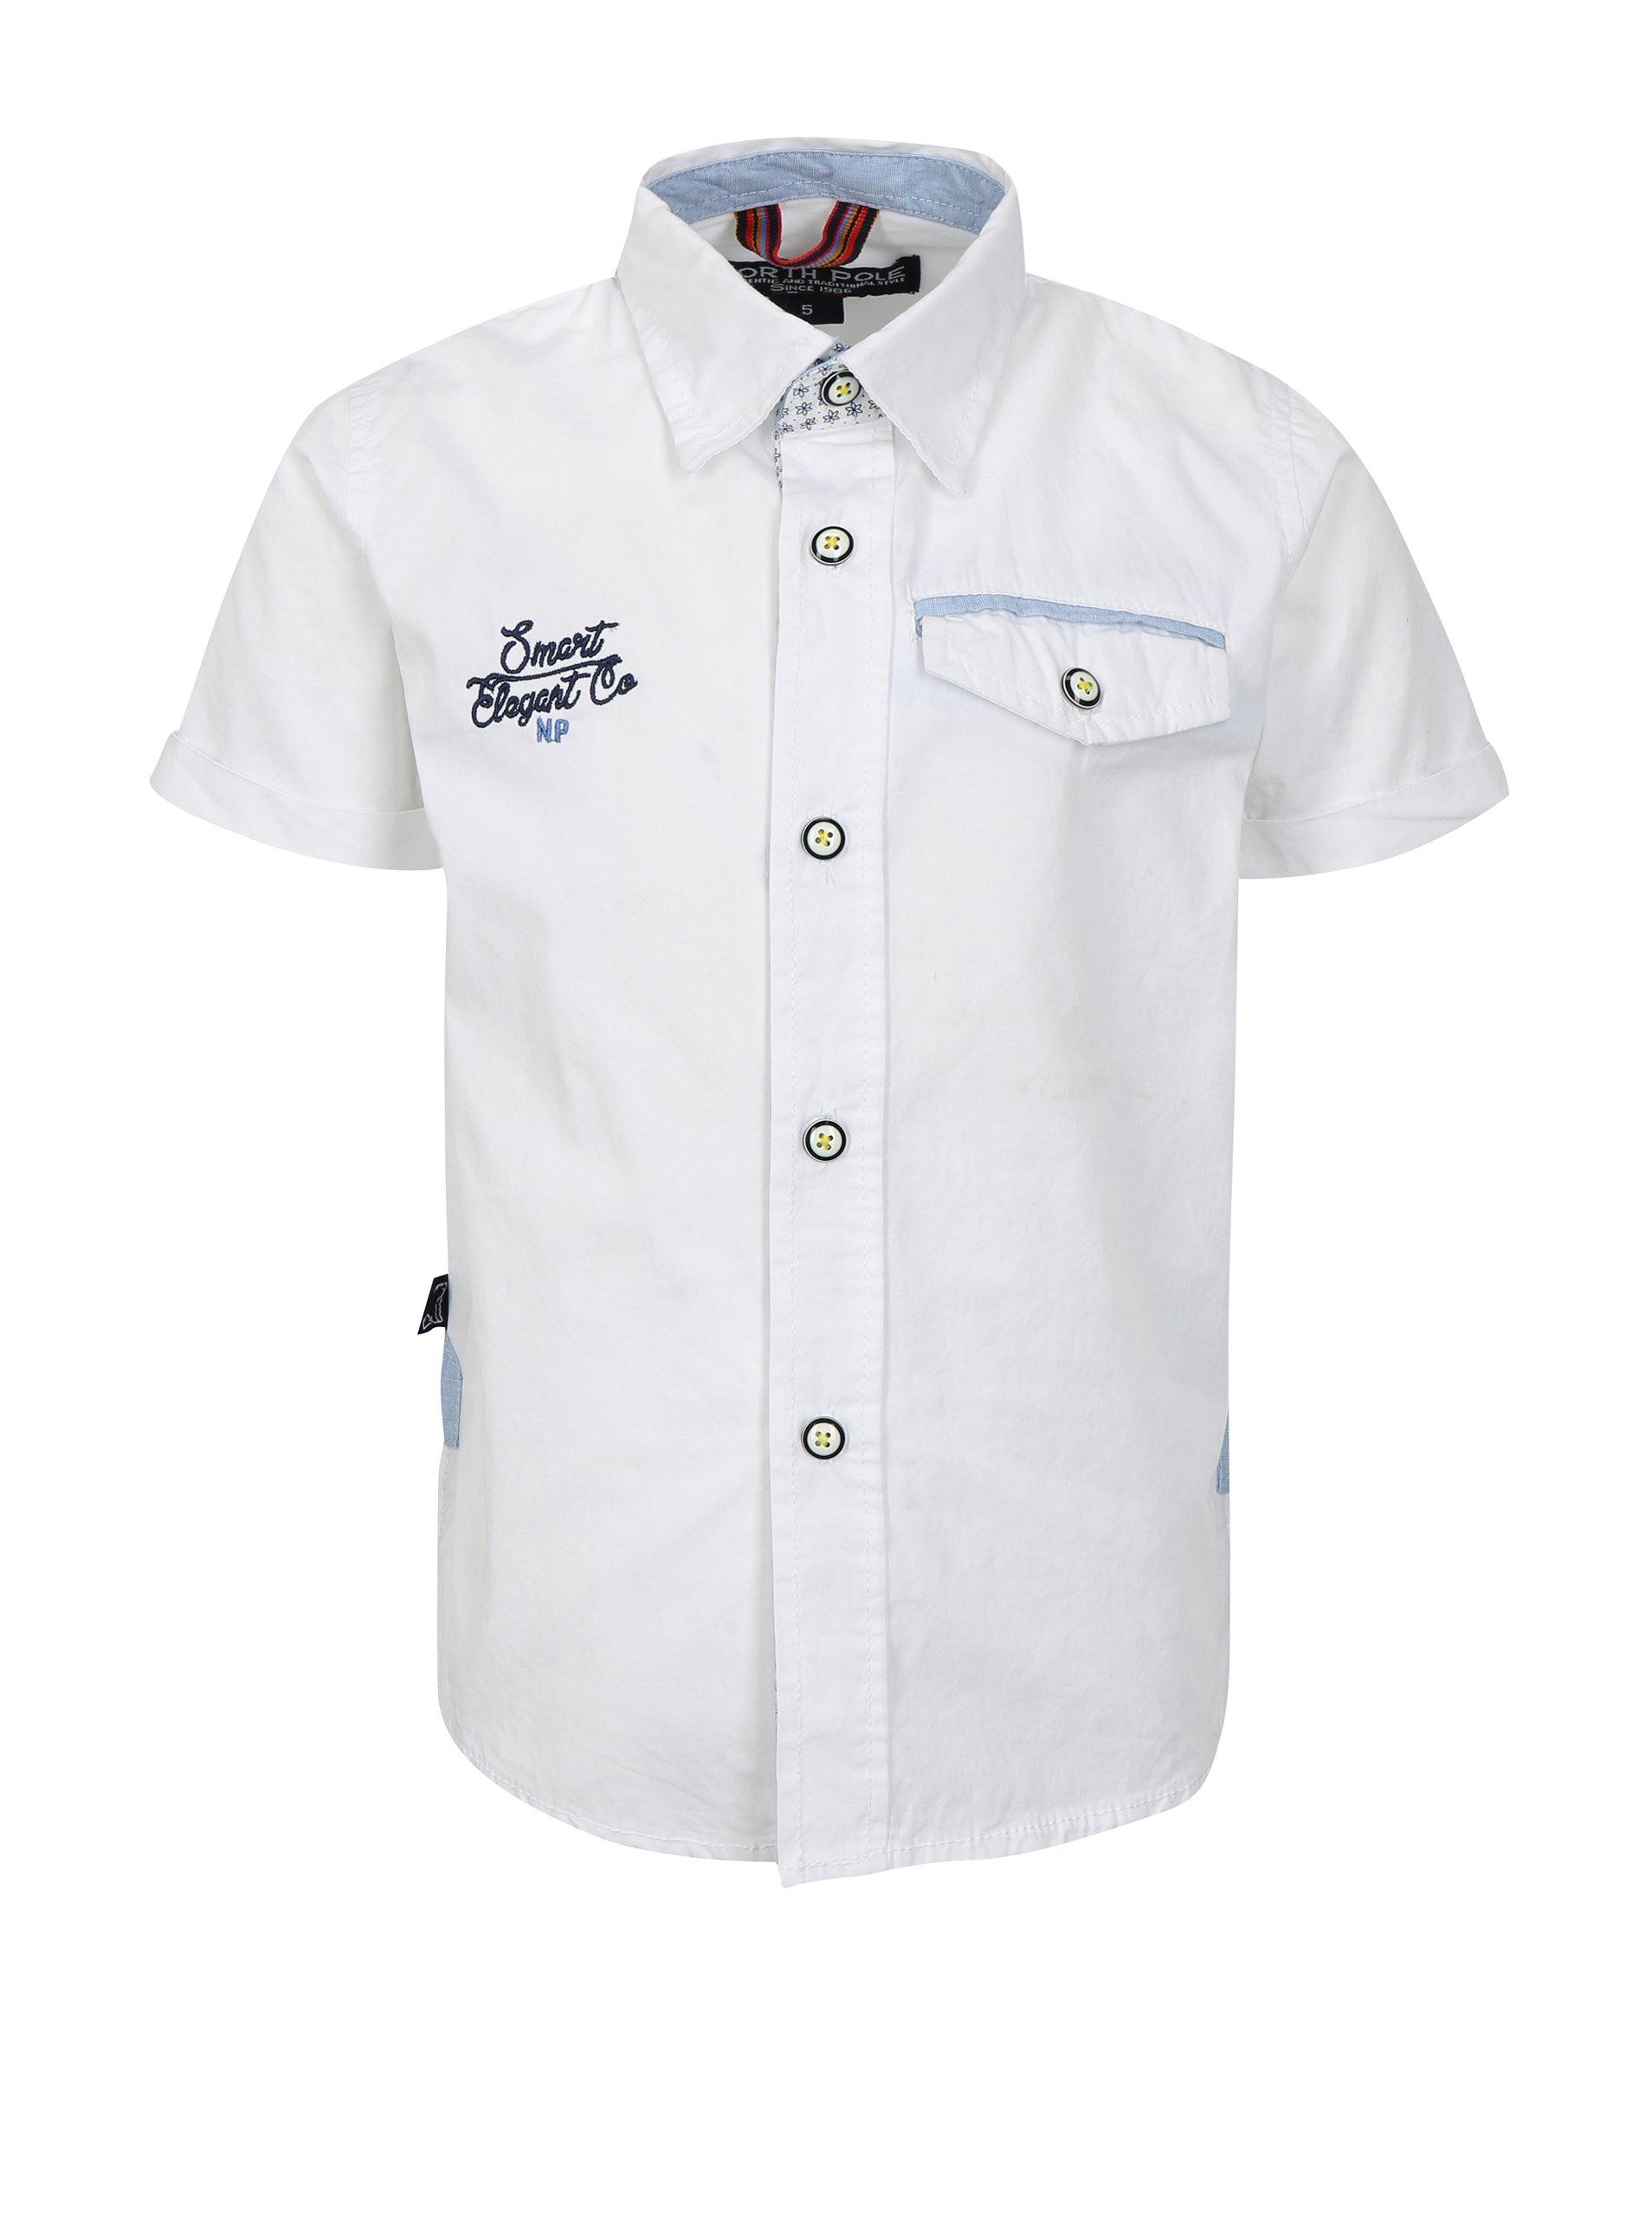 69c10160fa1a Biela chlapčenská košeľa s vreckom North Pole Kids